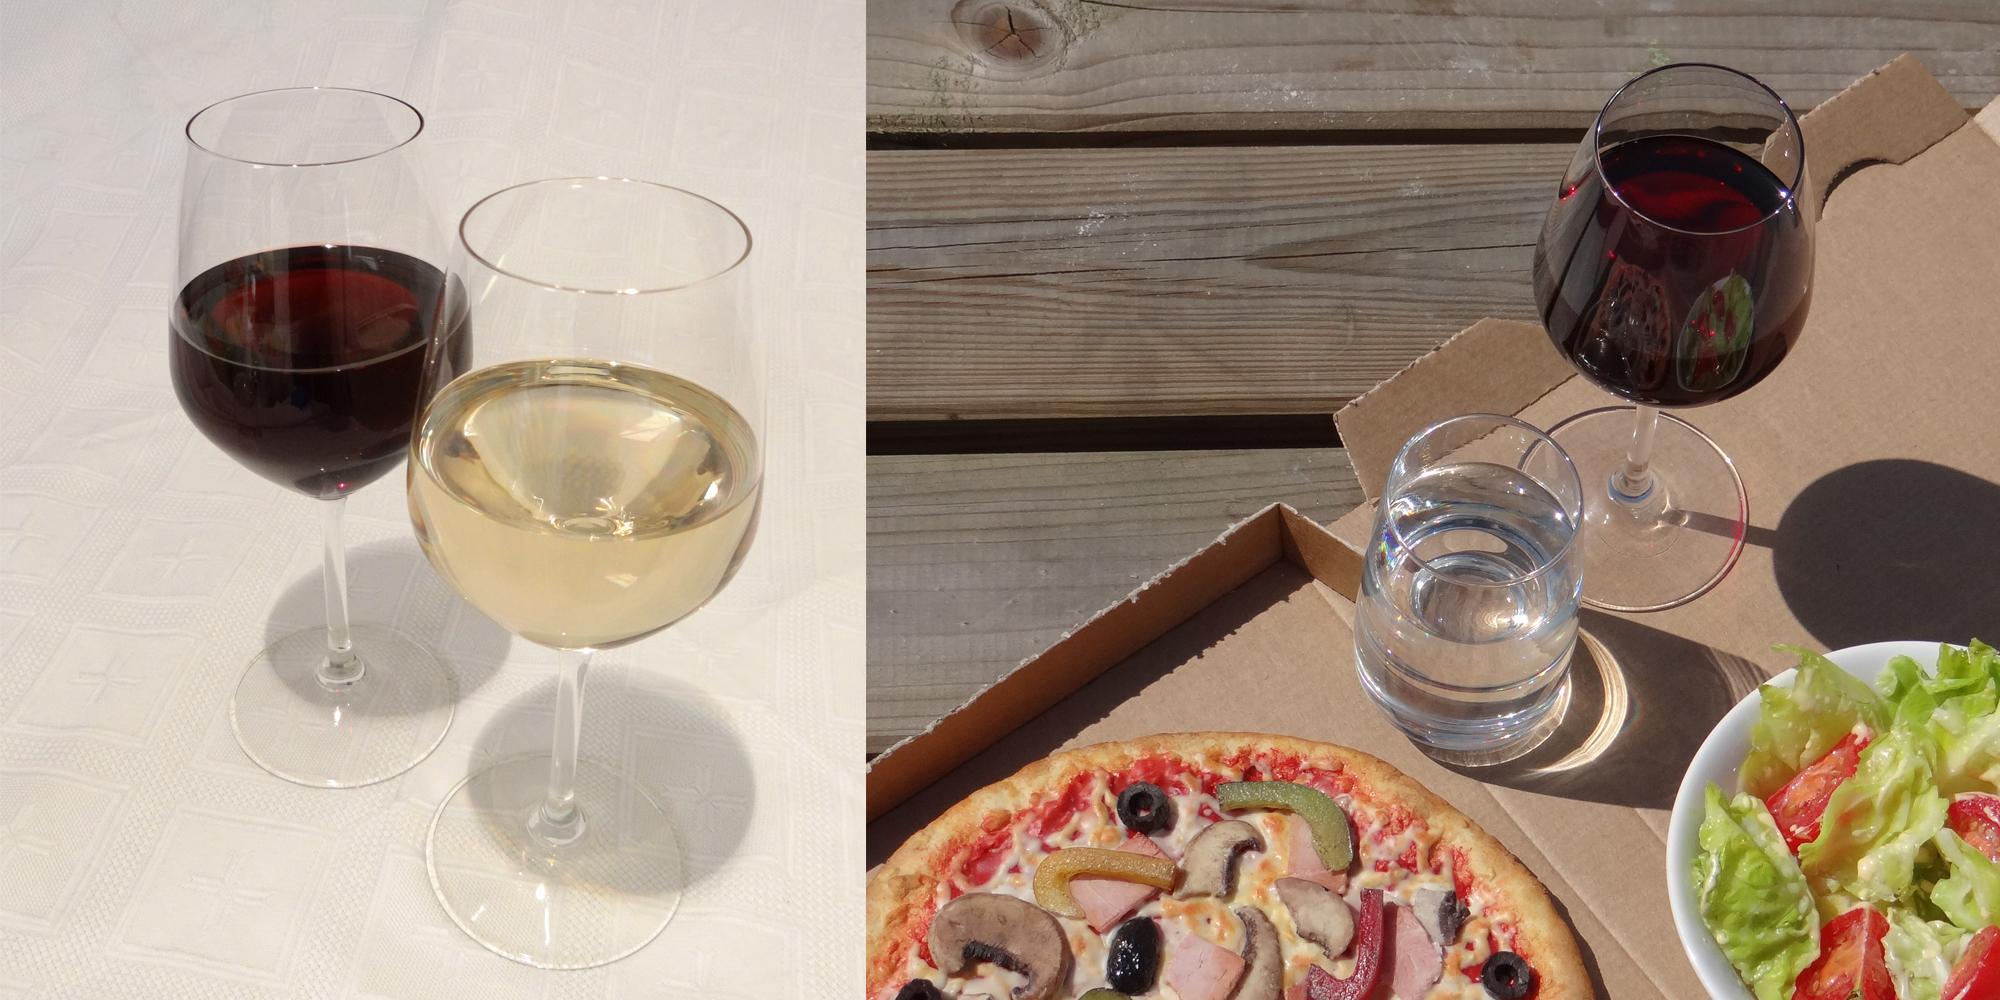 fausses boissons, vin factice et verre d'eau factice en résine